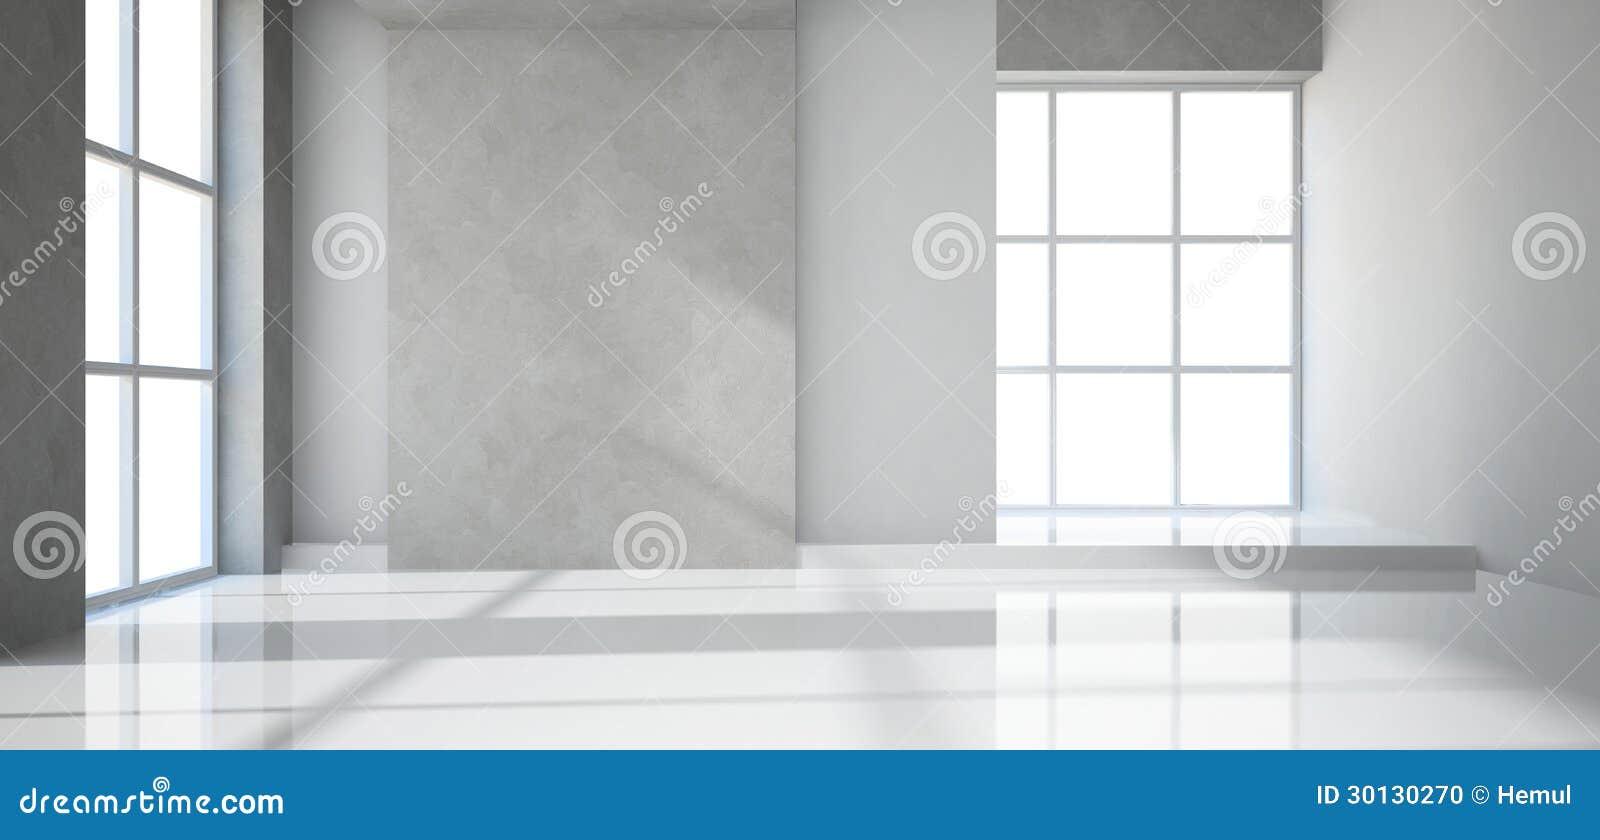 空的现代室